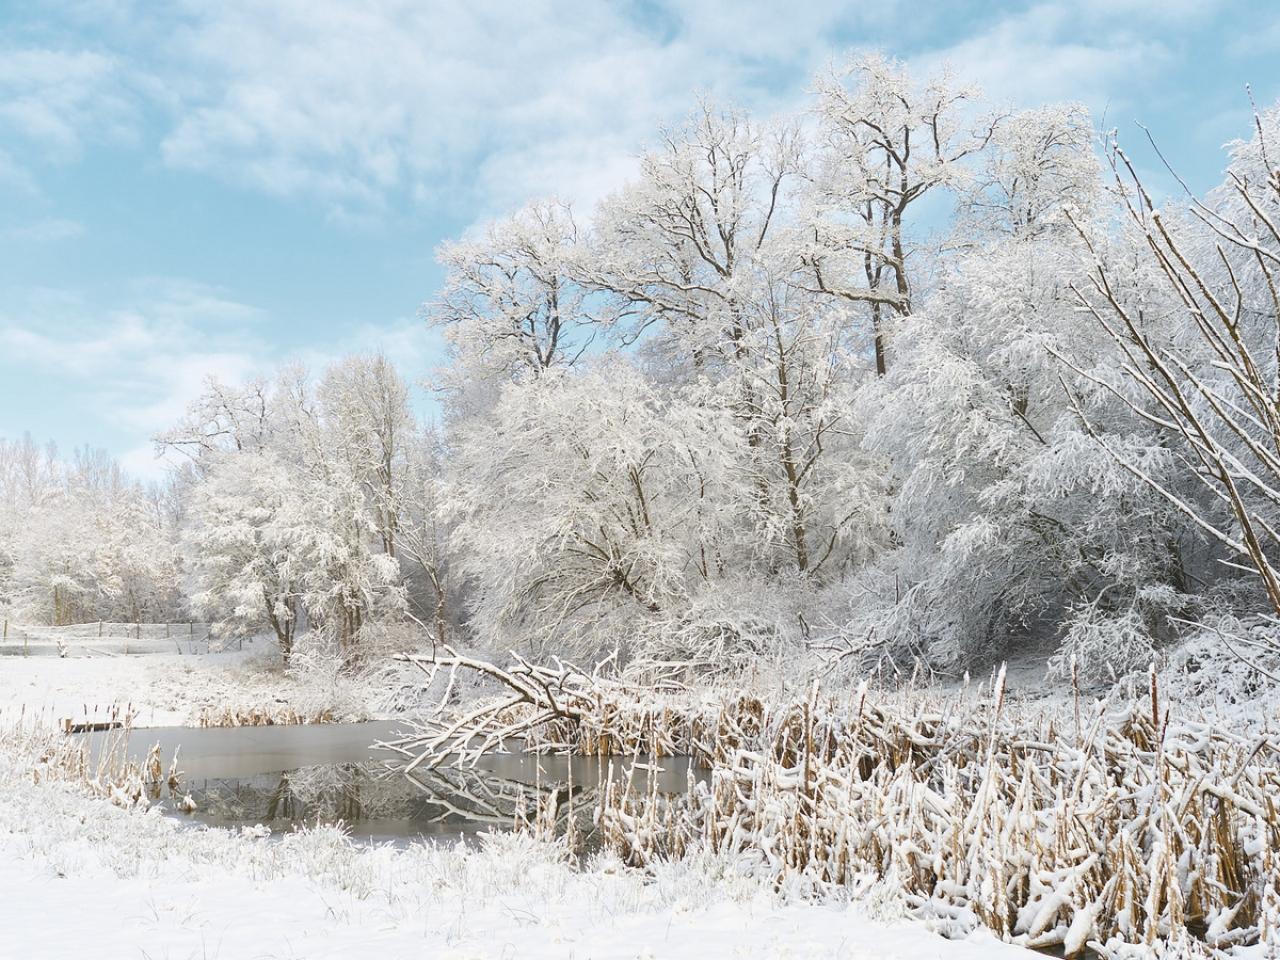 Invierno lleno de Nieve - 1280x960